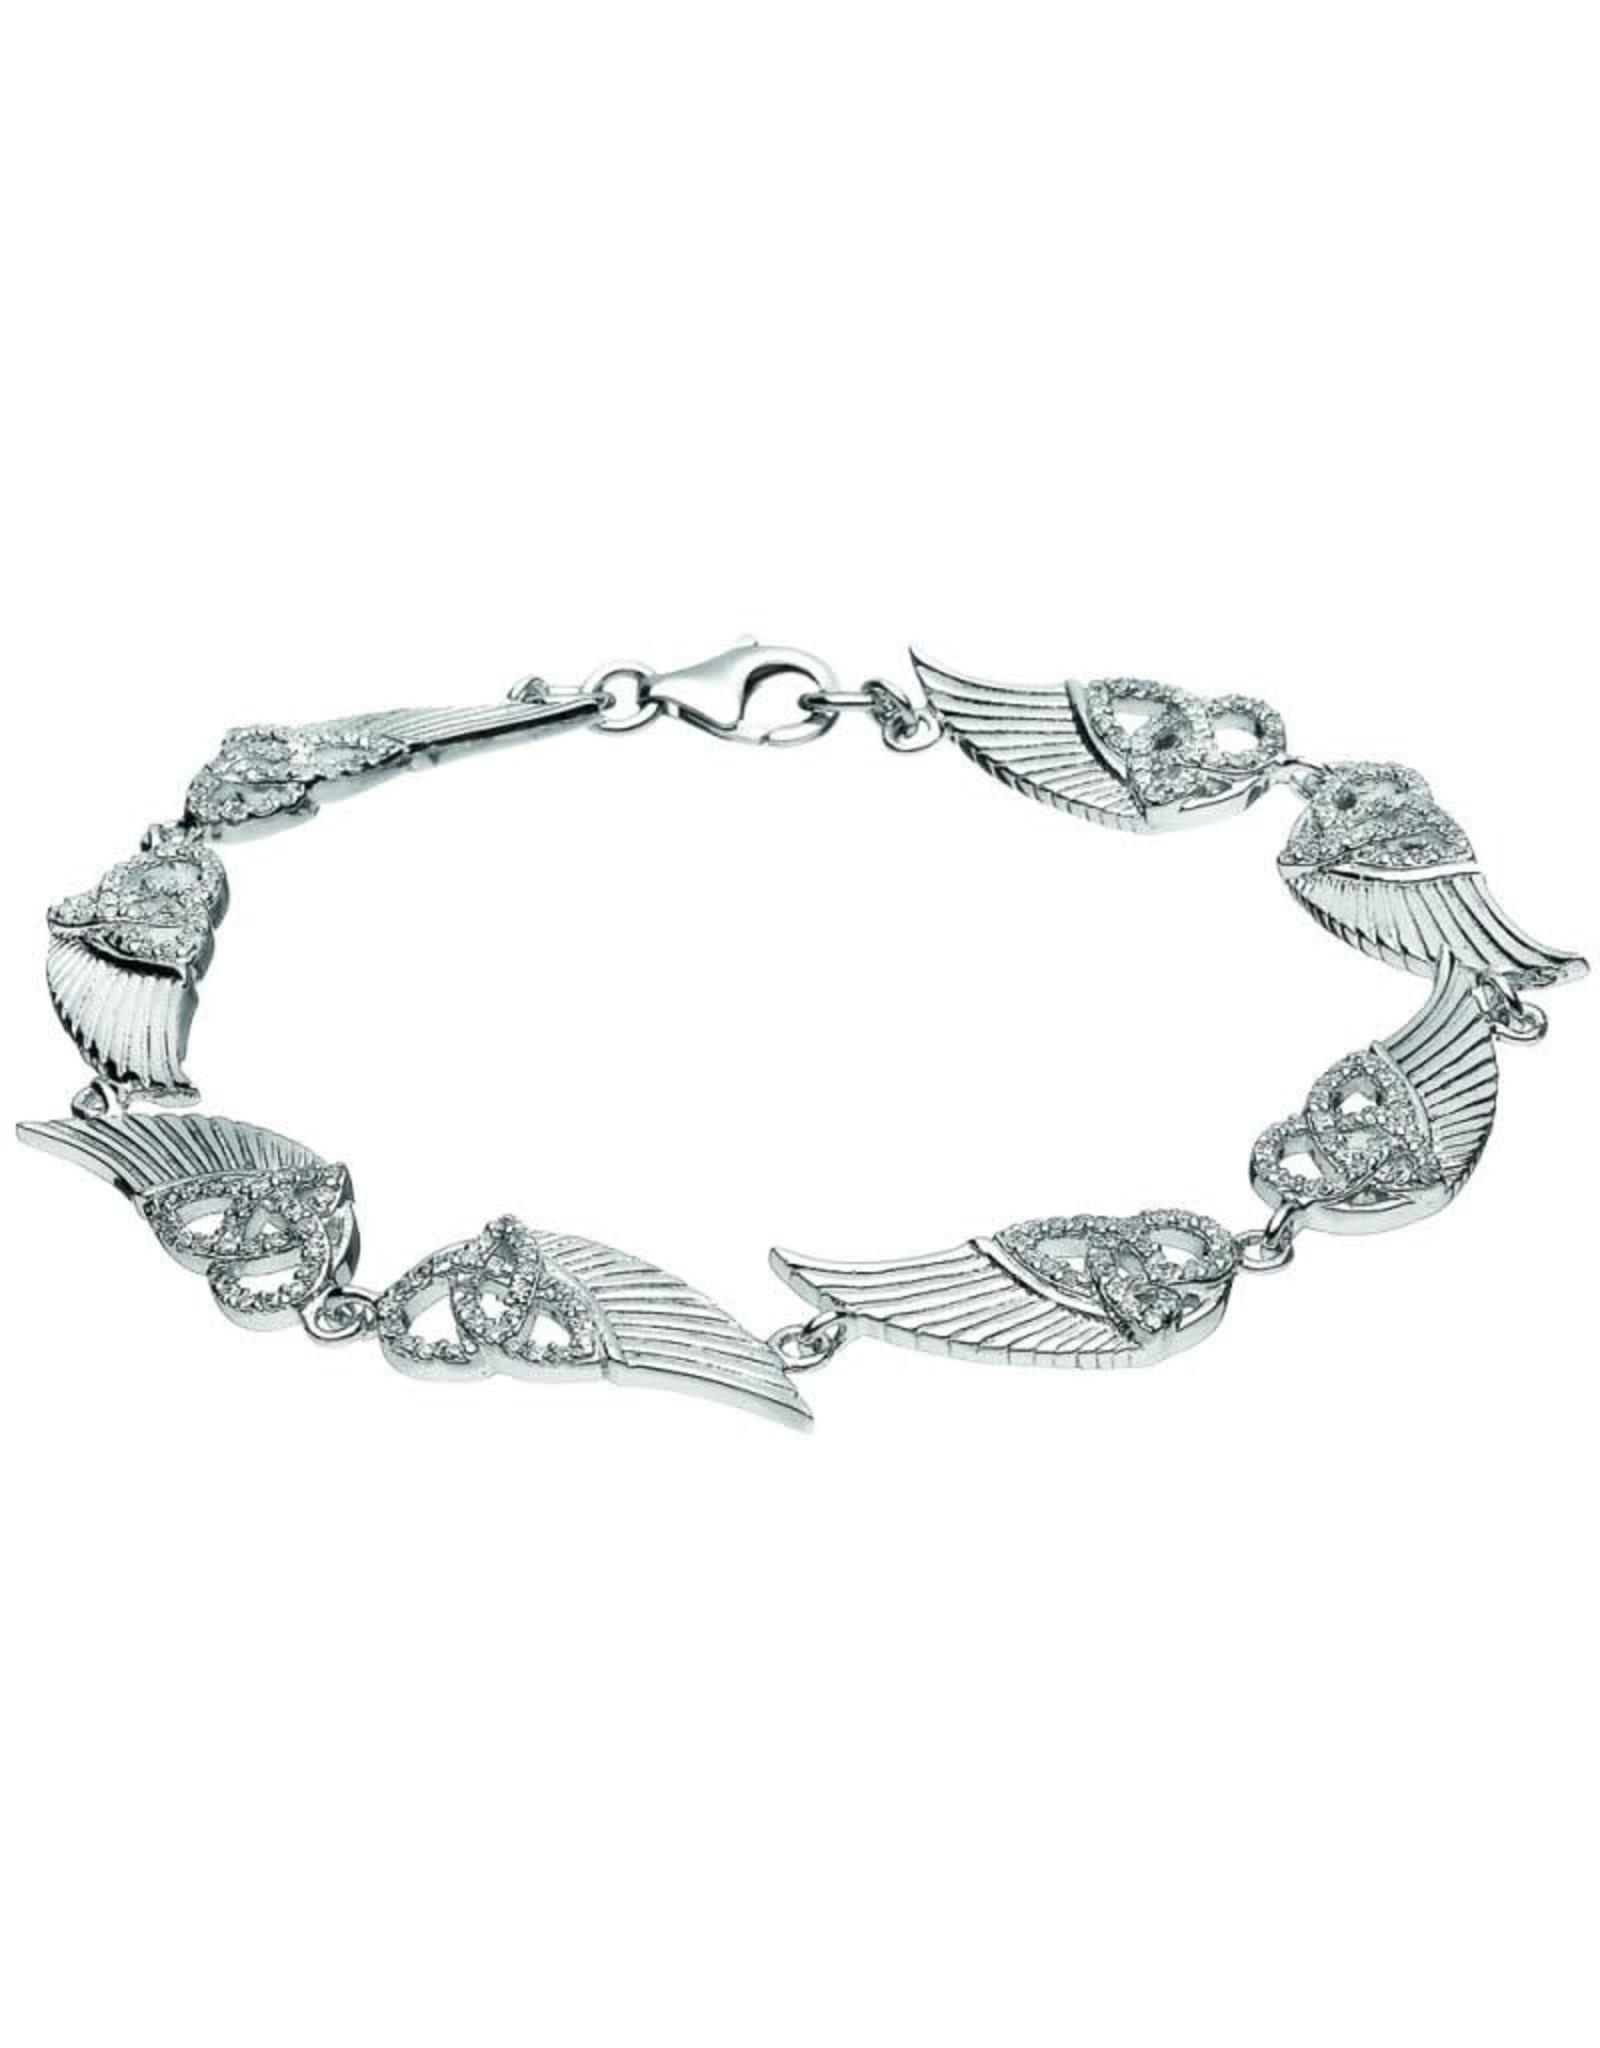 Boru Jewelry Sterling Silver Trinity Angel Wings Bracelet